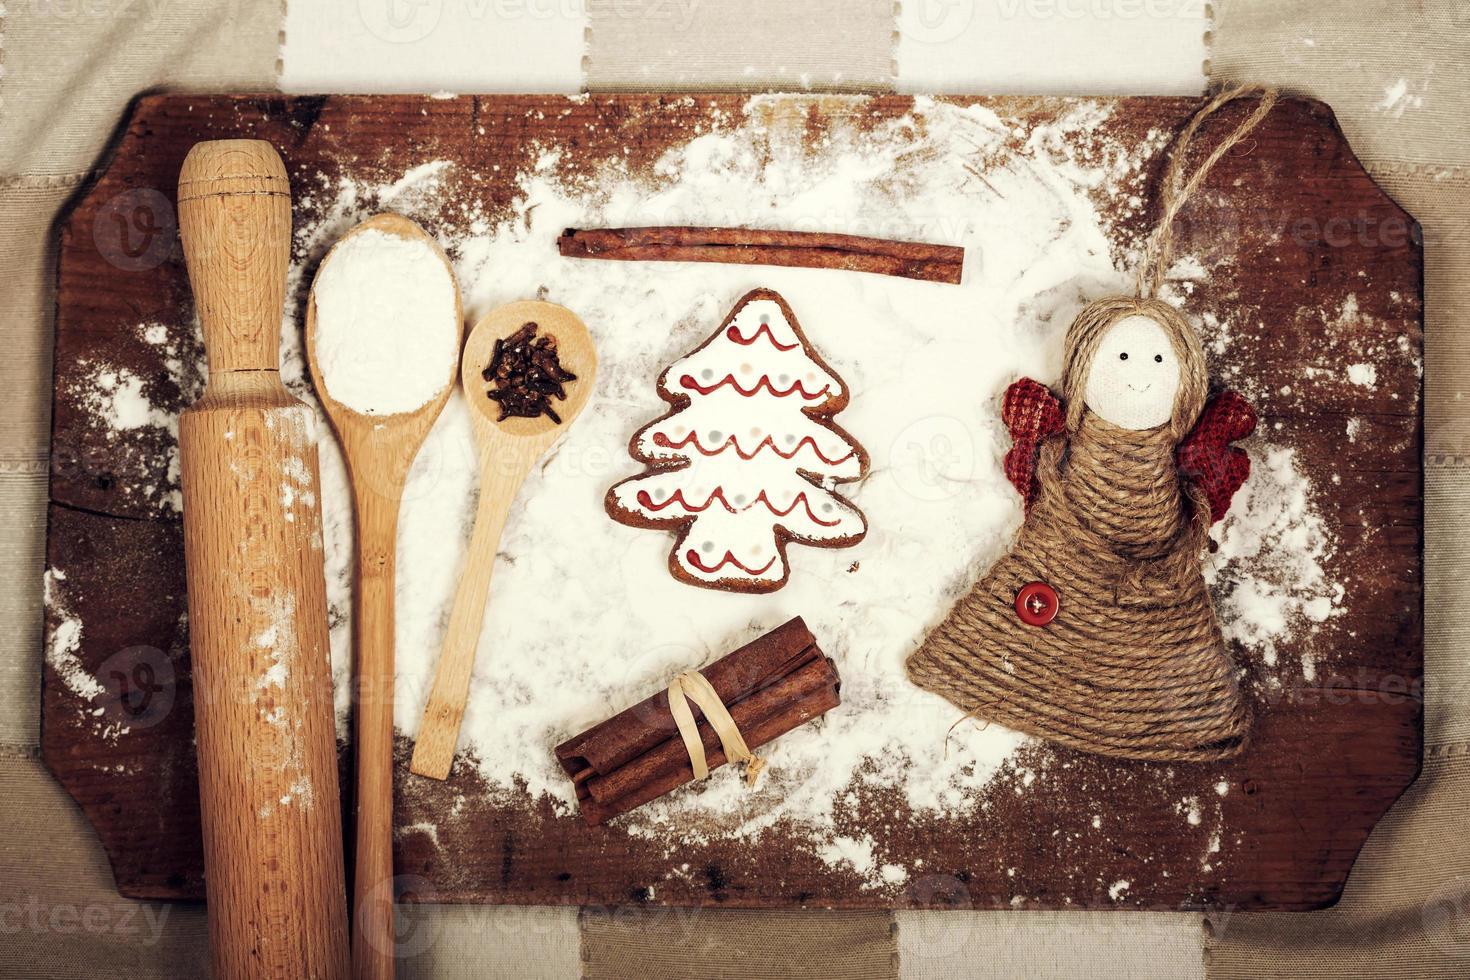 Weihnachtsplätzchen, Gewürze und Mehl auf hölzernem Schneidebrett foto